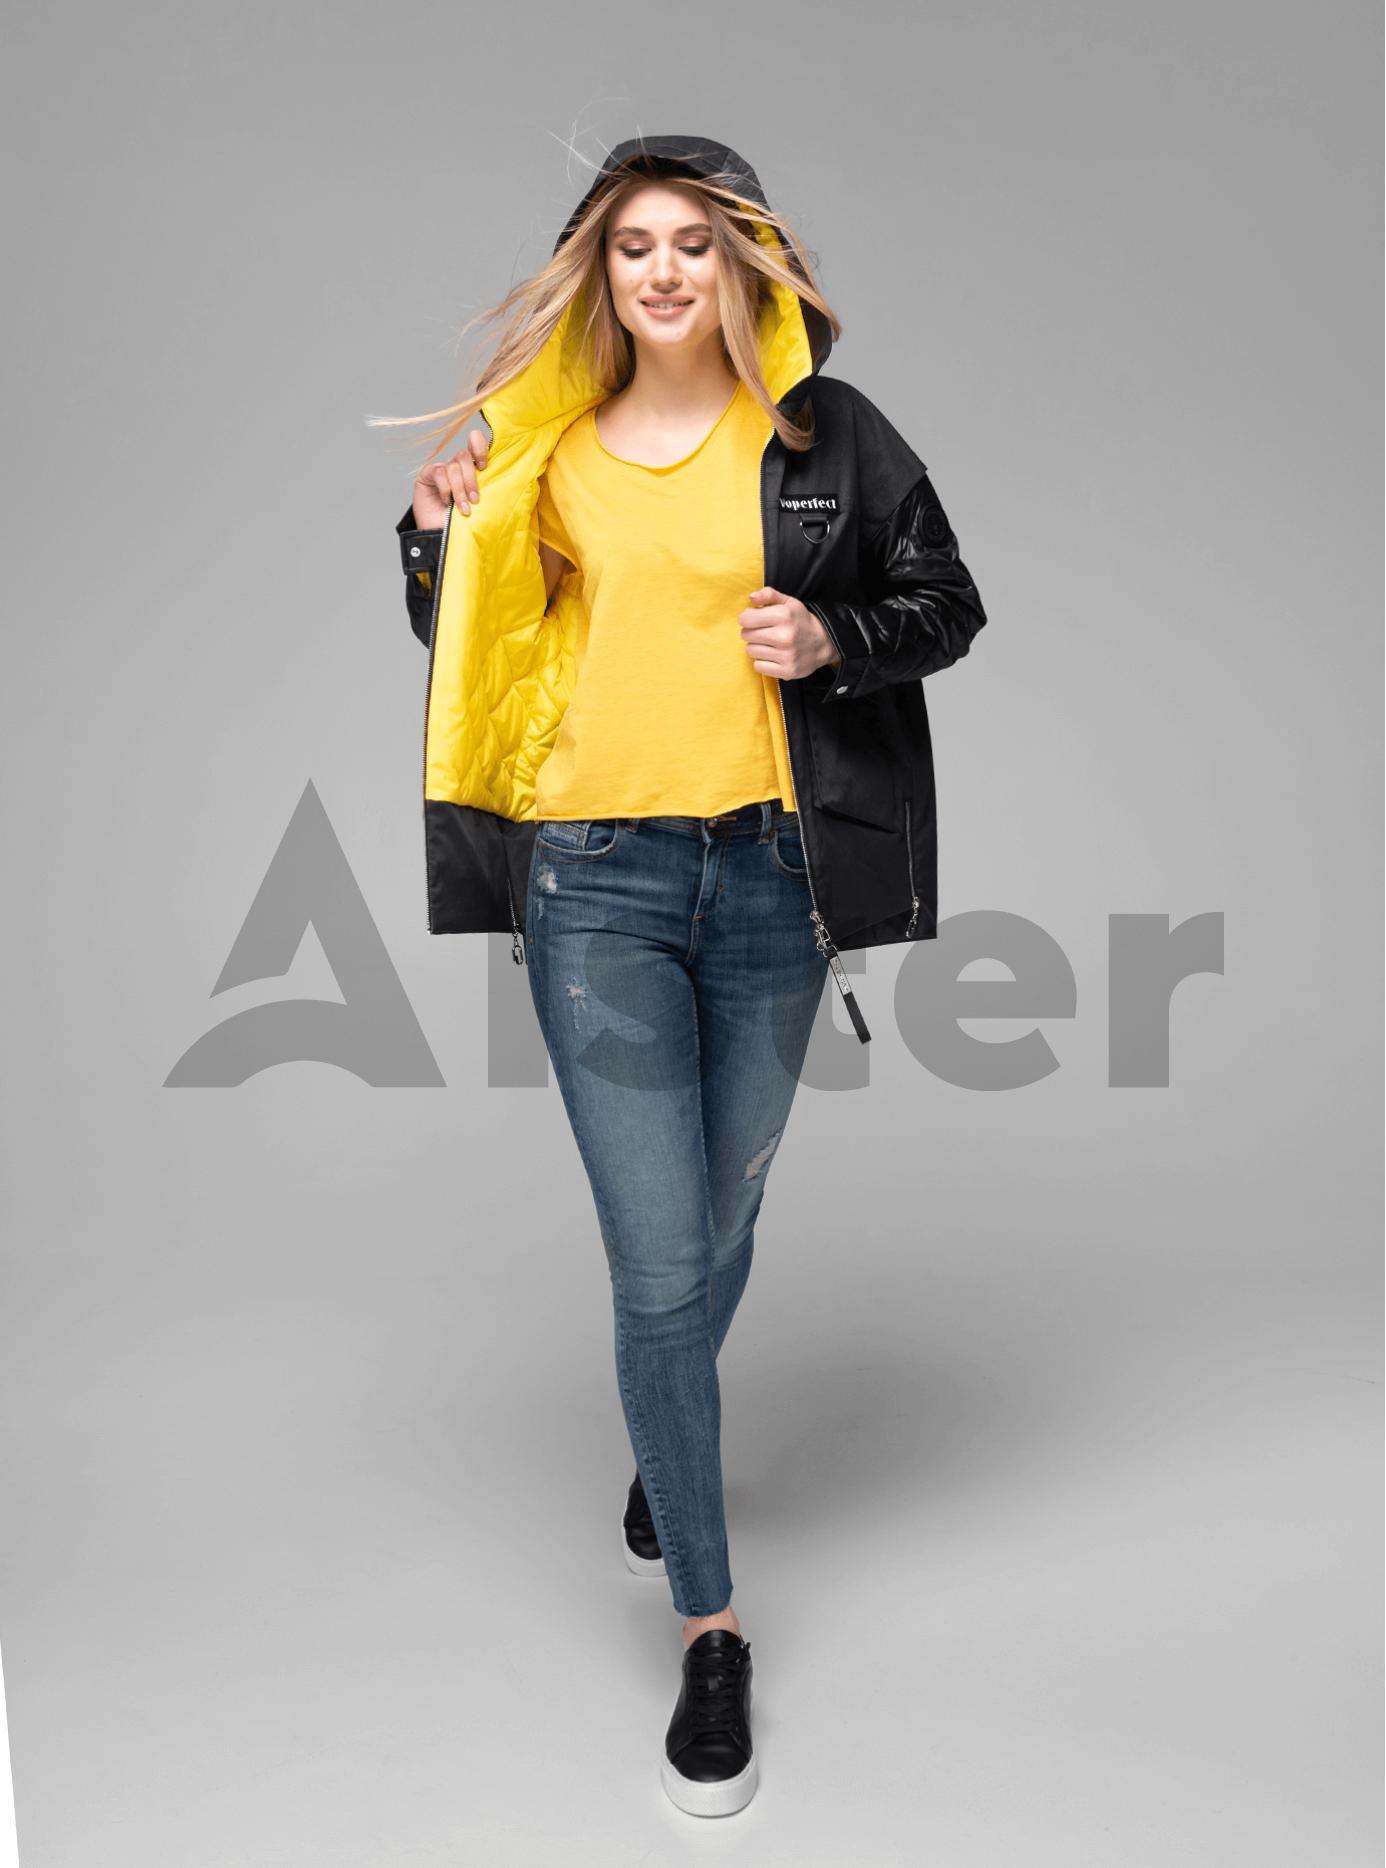 Куртка демисезонная короткая на молнии Чёрный S (02-V191054): фото - Alster.ua